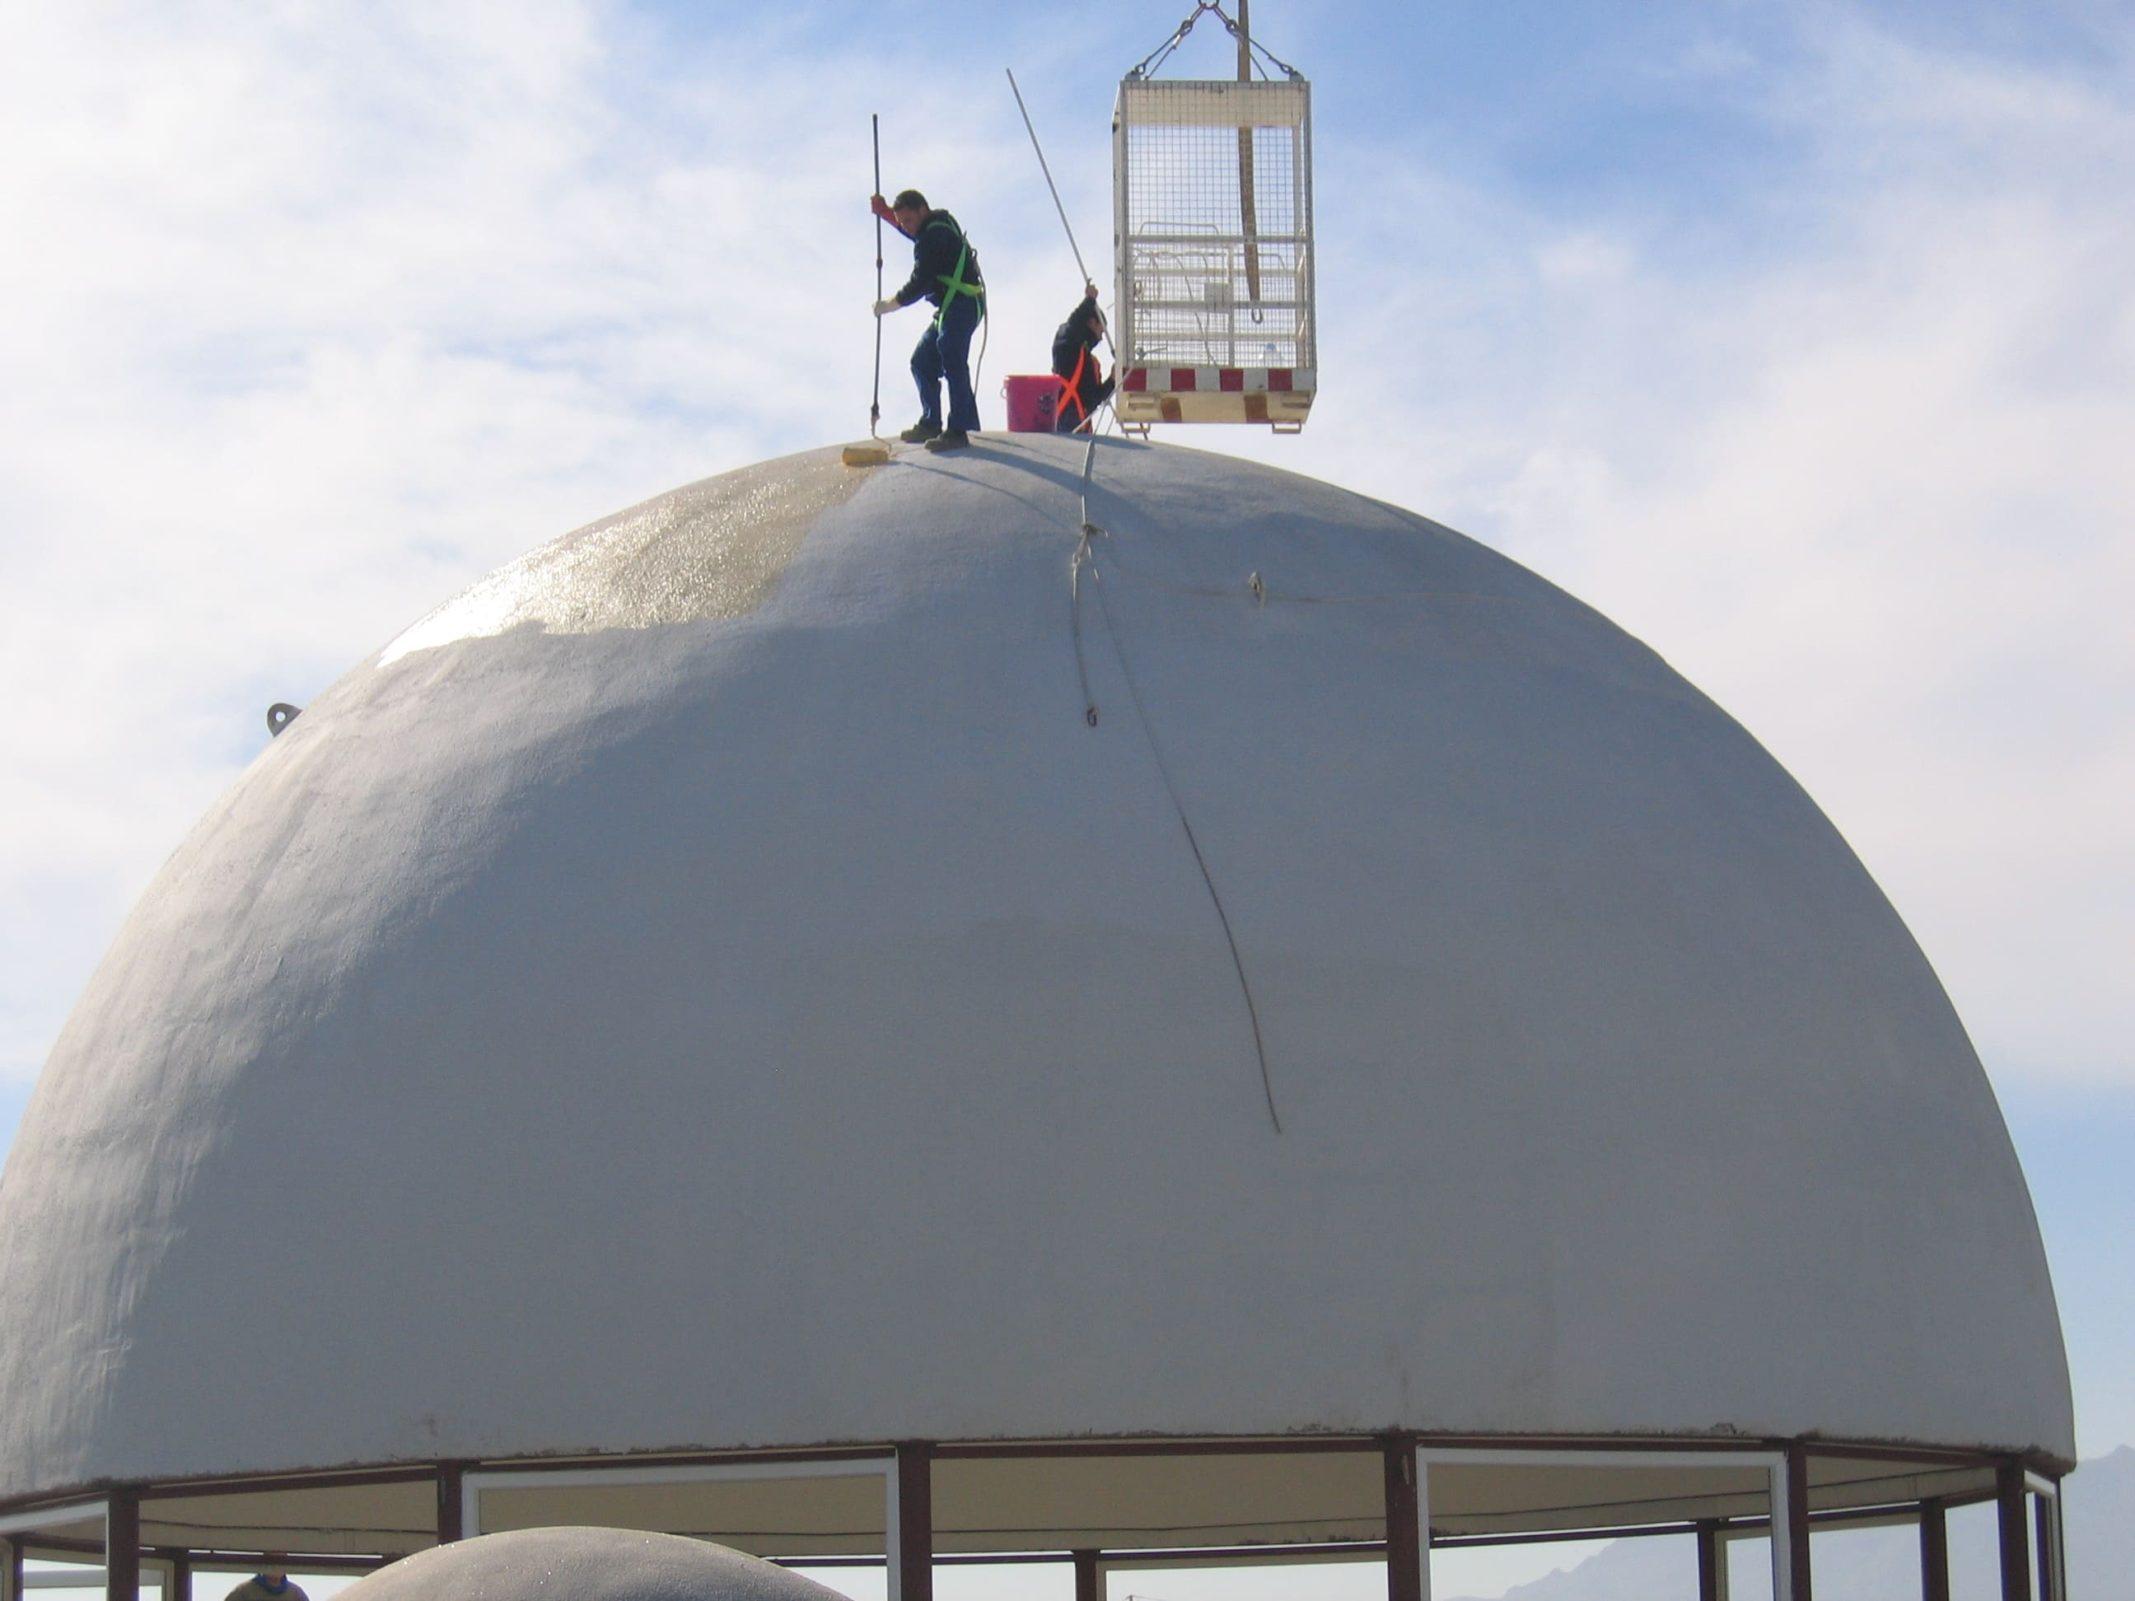 Impermeabilización de cúpula de edificio en Almería (España). Producto: IMPERMEABILIZANTE E-88